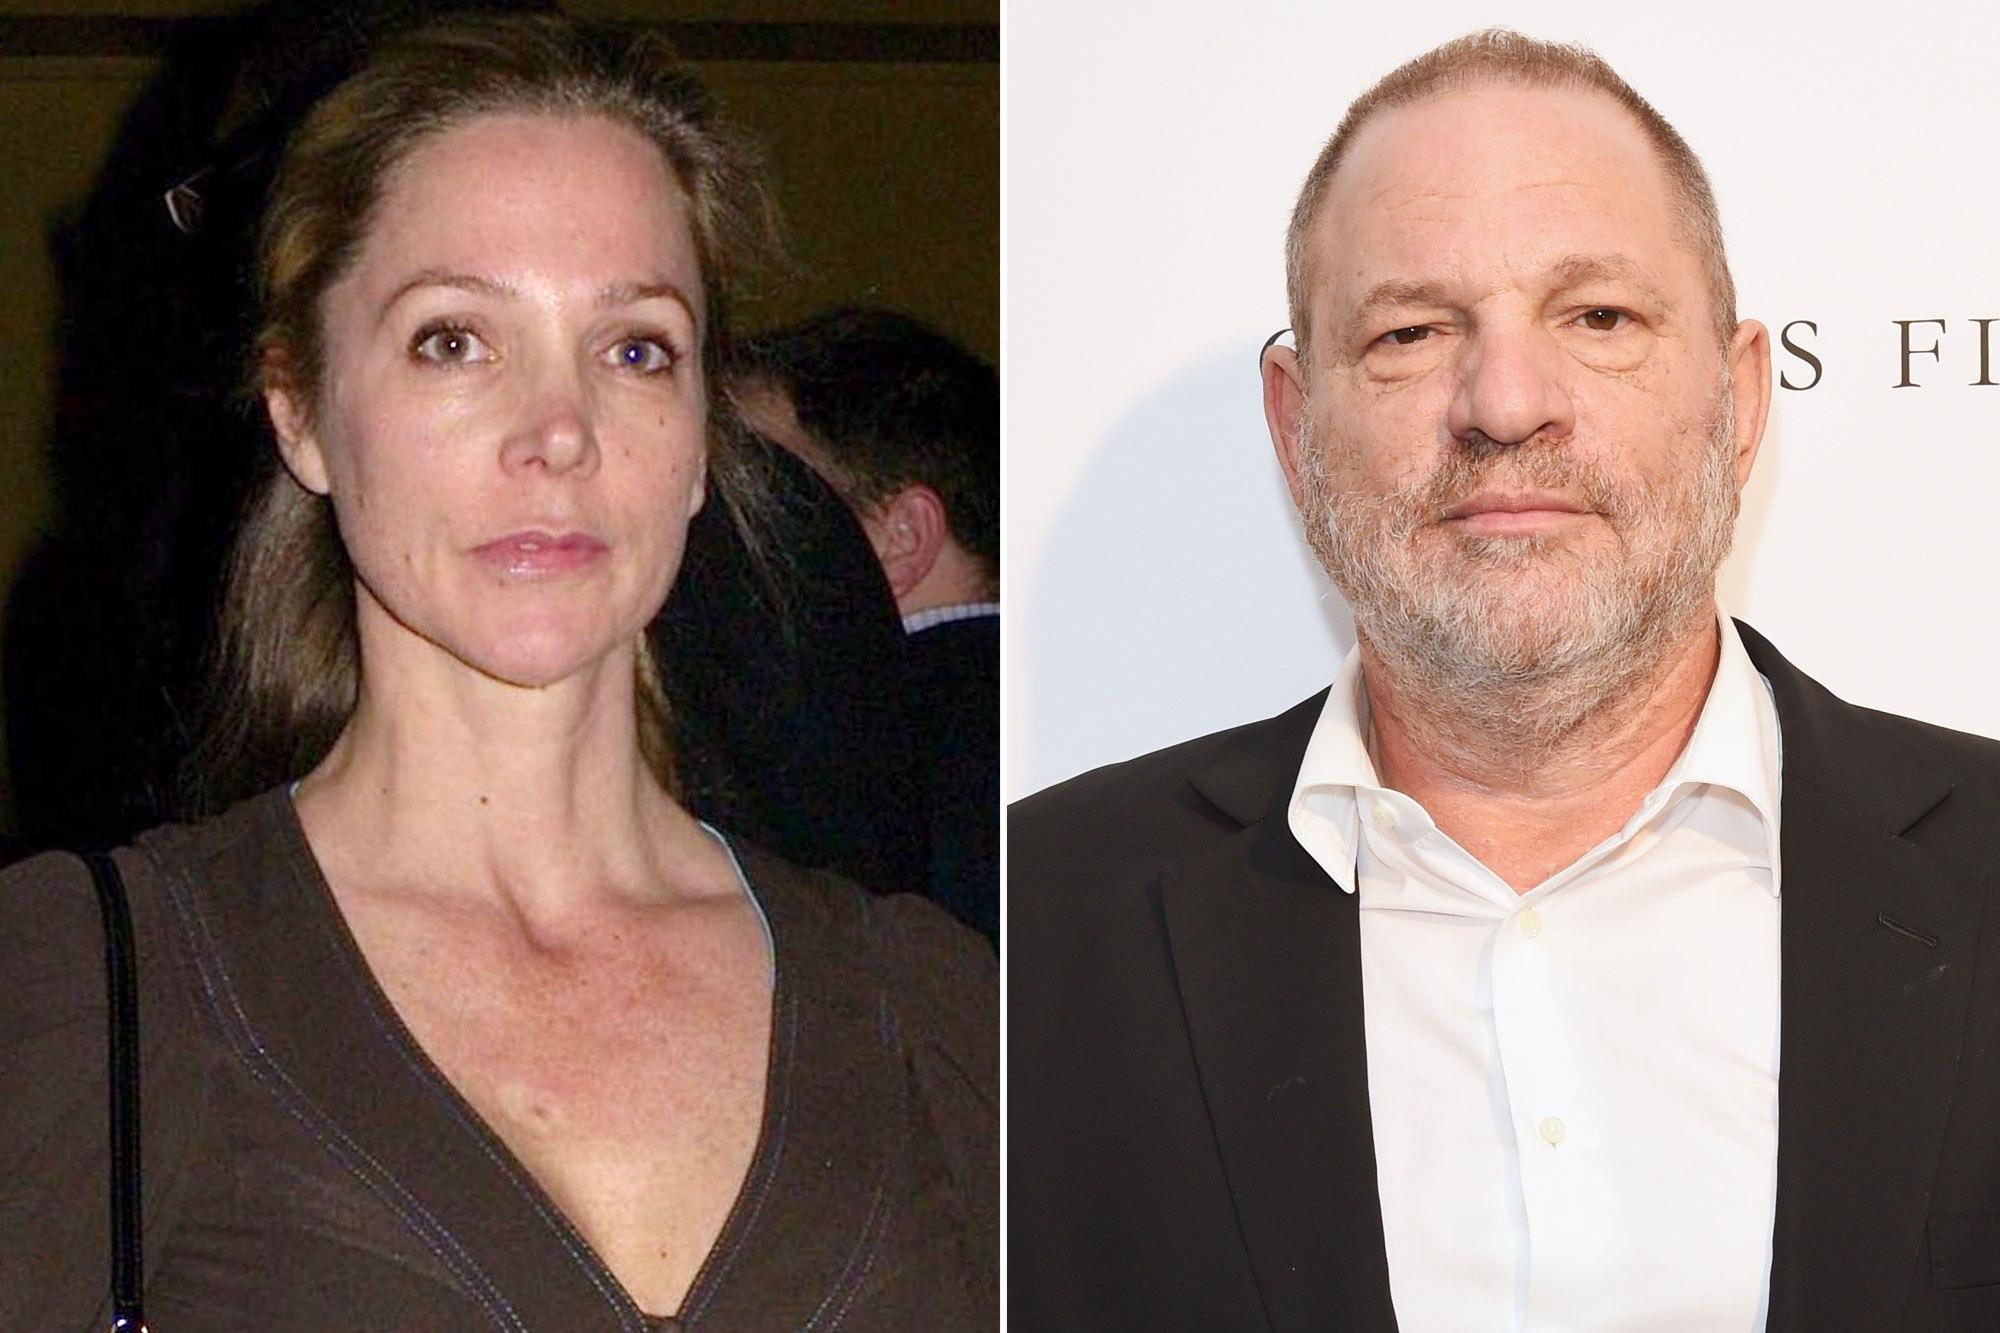 Toàn cảnh vụ yêu râu xanh quyền lực quấy rối tình dục loạt sao nữ đang gây chấn động Hollywood - Ảnh 6.